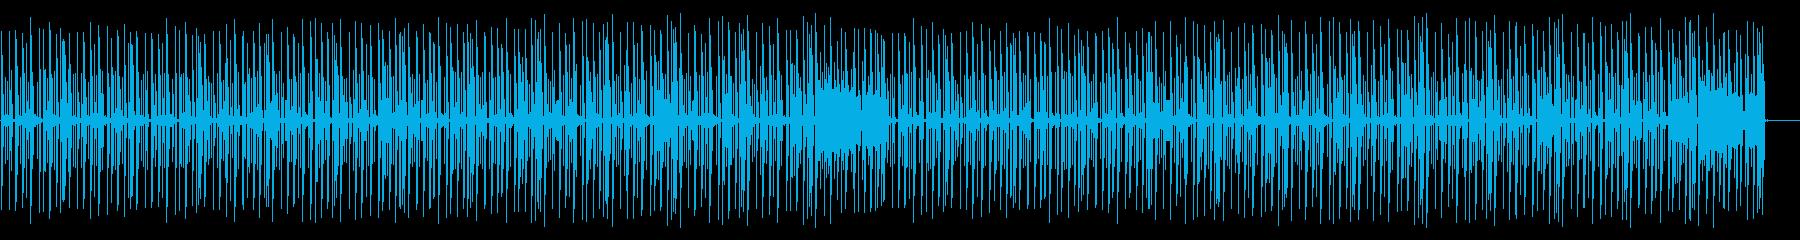 8ビット/チップチューン系チュートリアルの再生済みの波形